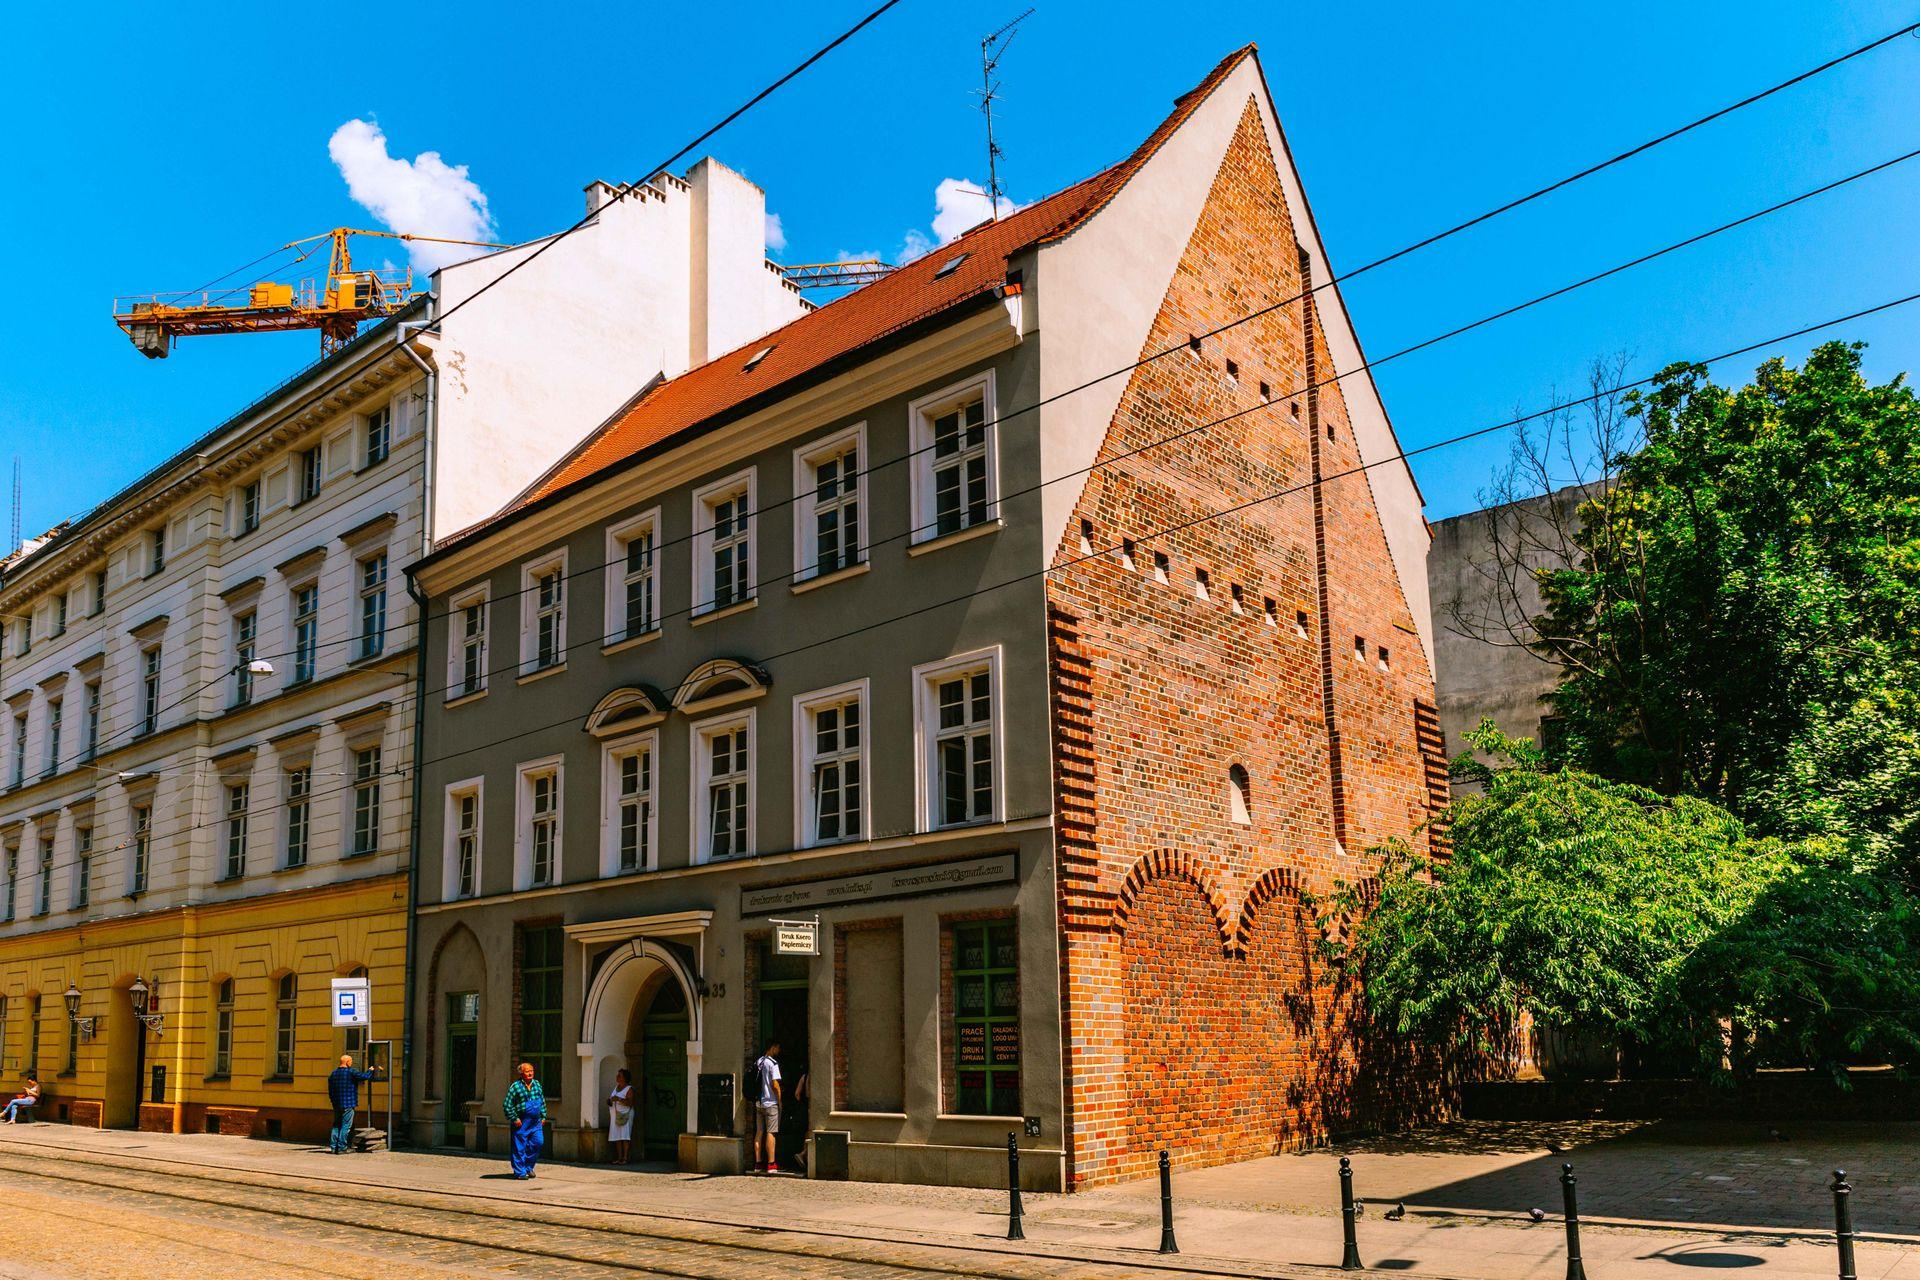 Wrocław: Kilkusetletnia kamienica w pobliżu Rynku sprzedana. Cena wywoławcza przebita o 2,5 miliona